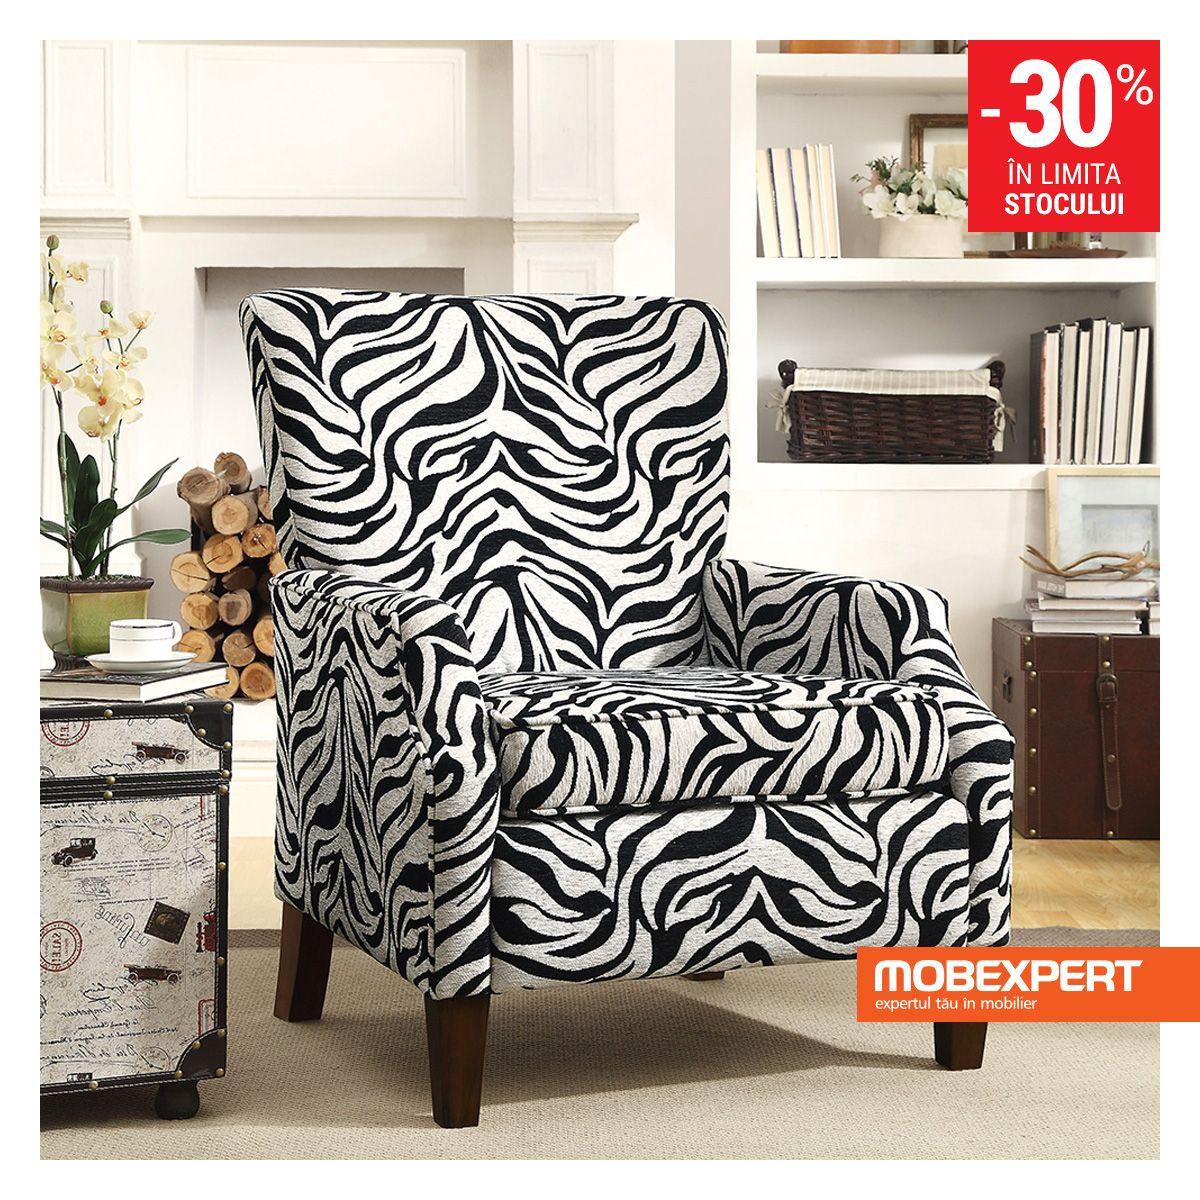 Fotoliul Zebra Pune Accent Pe Confort Si Estetica Interiorul Si  # Mobilier Jardin Zebra